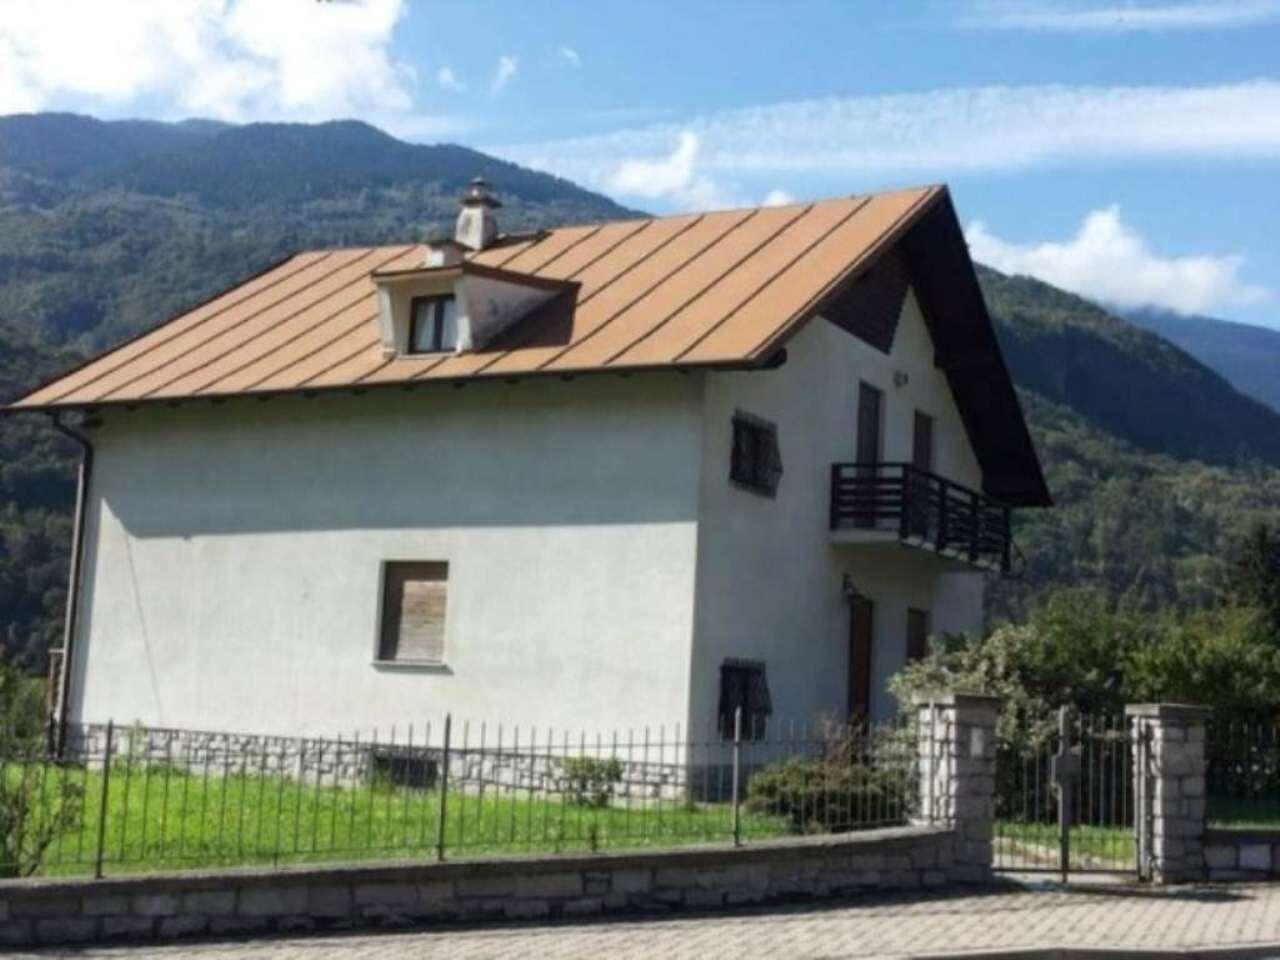 Villa in vendita a Chiuro, 6 locali, Trattative riservate | Cambio Casa.it